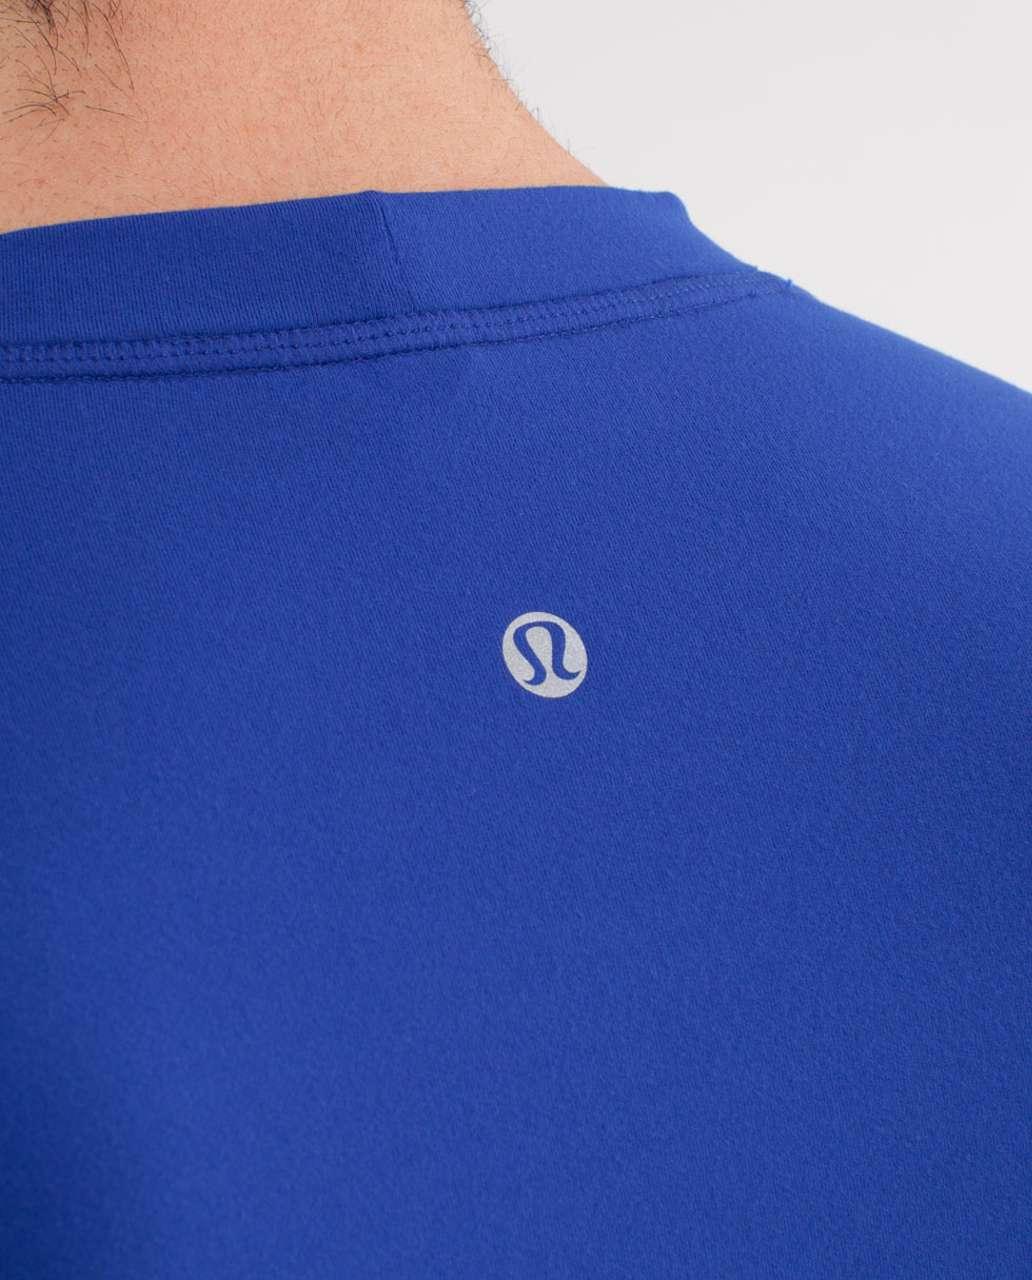 Lululemon Surge Long Sleeve - Sapphire Blue